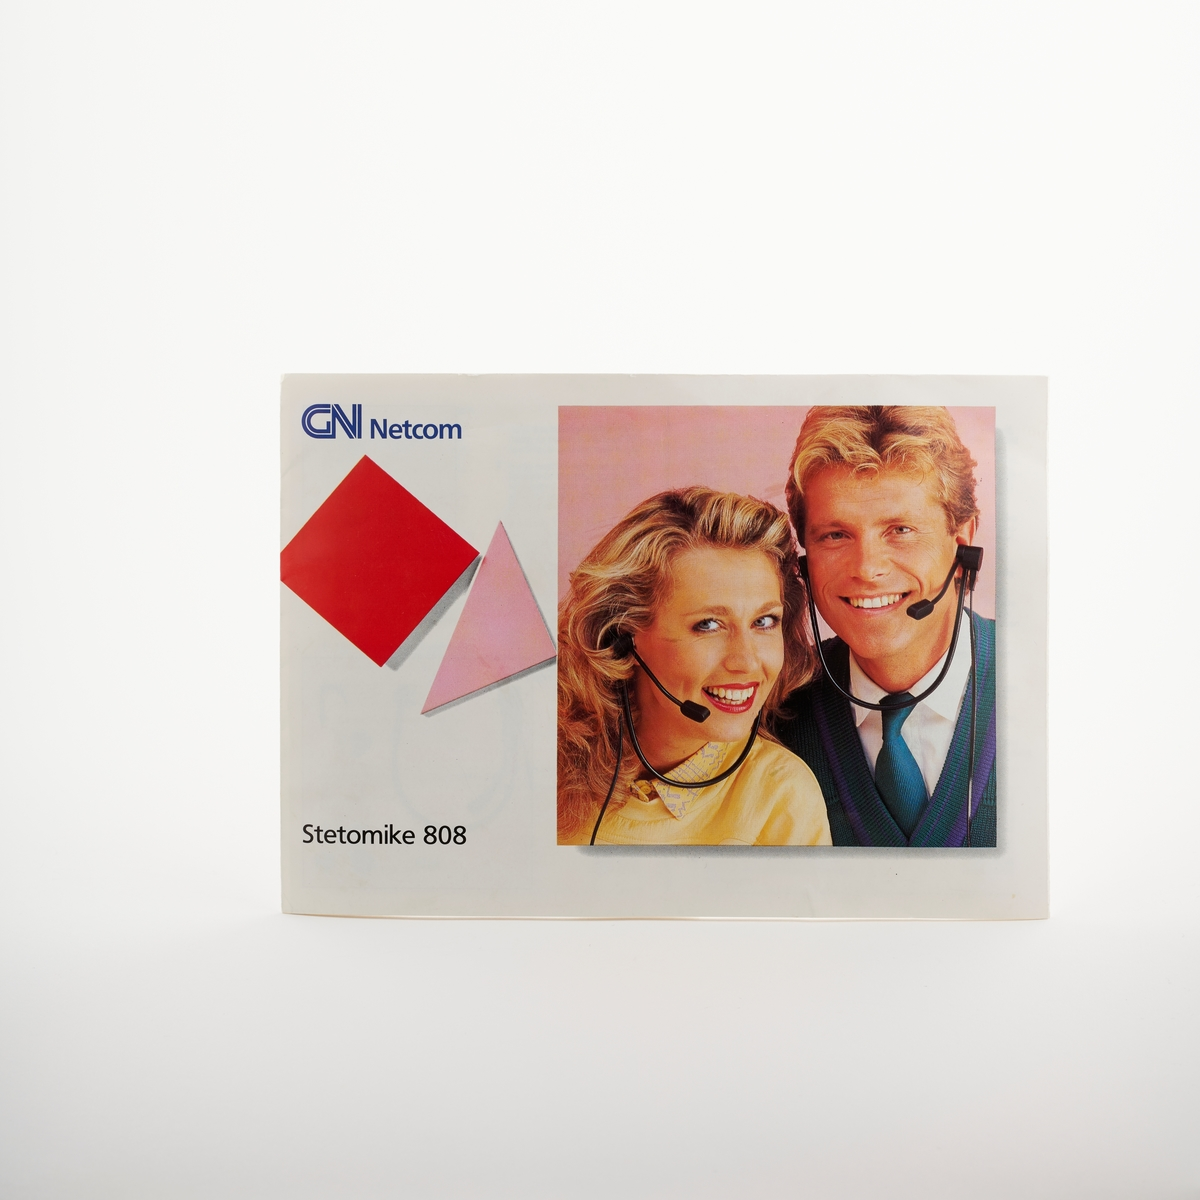 Bilde av en kvinne og en mann med hodetelefoner, bilder av delene til hodetelefonen og hvordan man bruker den.